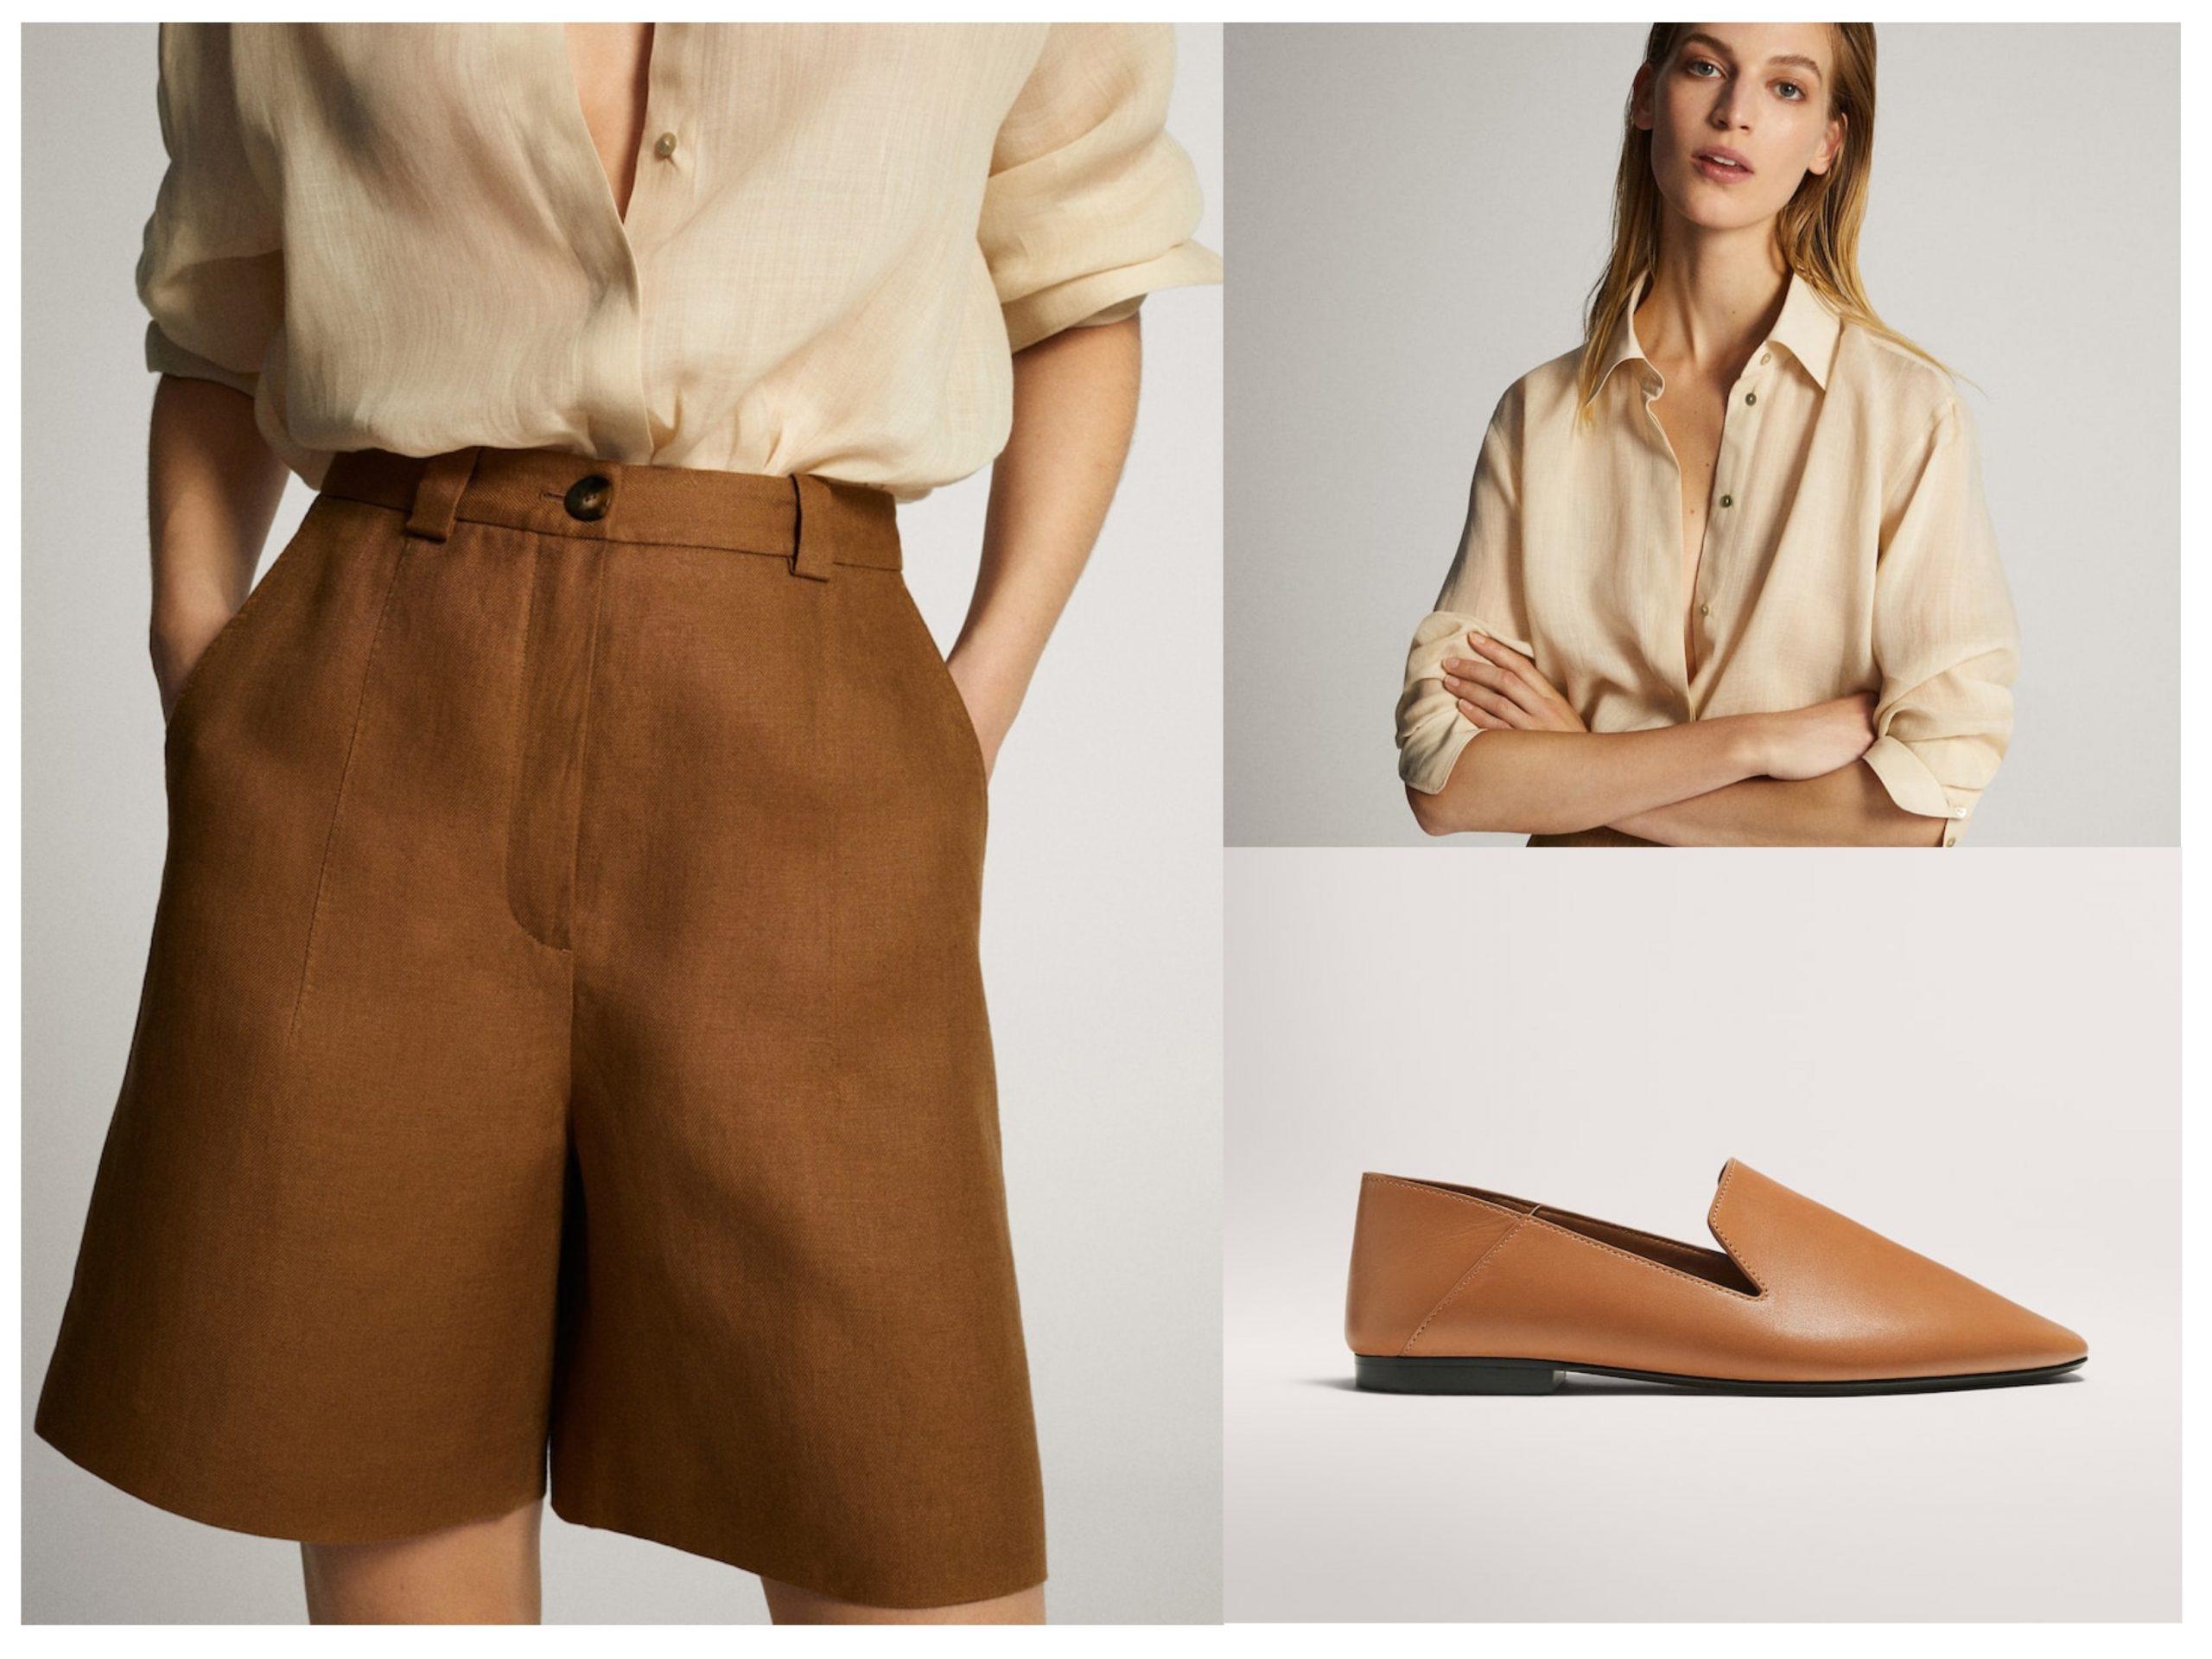 Look de oficina de productos rebajados de Massimo Dutti, cuenta con bermudas marrones de lino, zapatos planos de piel y camisa con botones.